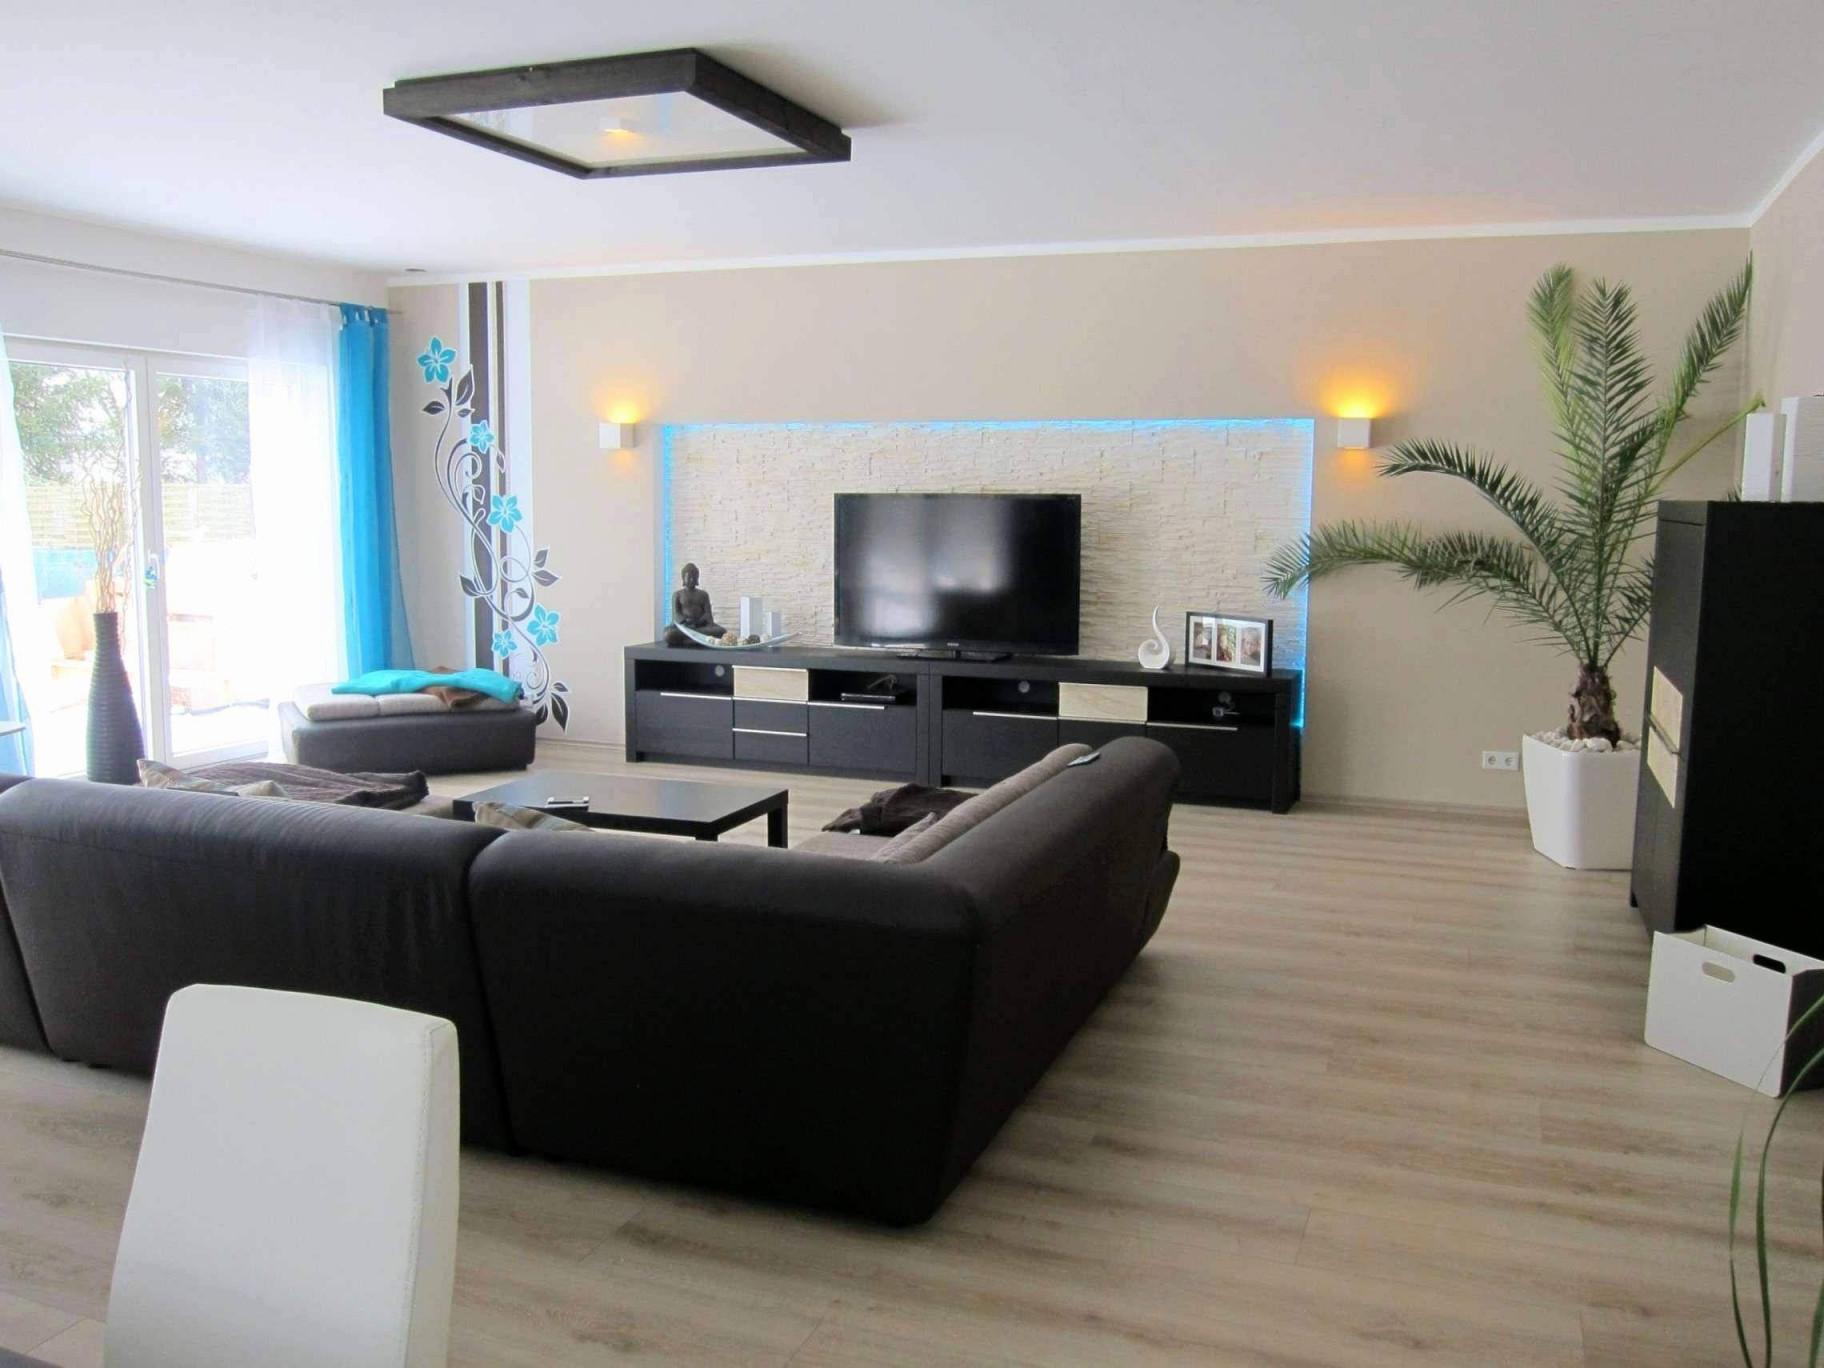 29 Luxus Wohnzimmer Einrichten Ideen Genial  Wohnzimmer Frisch von Ideen Einrichtung Wohnzimmer Bild